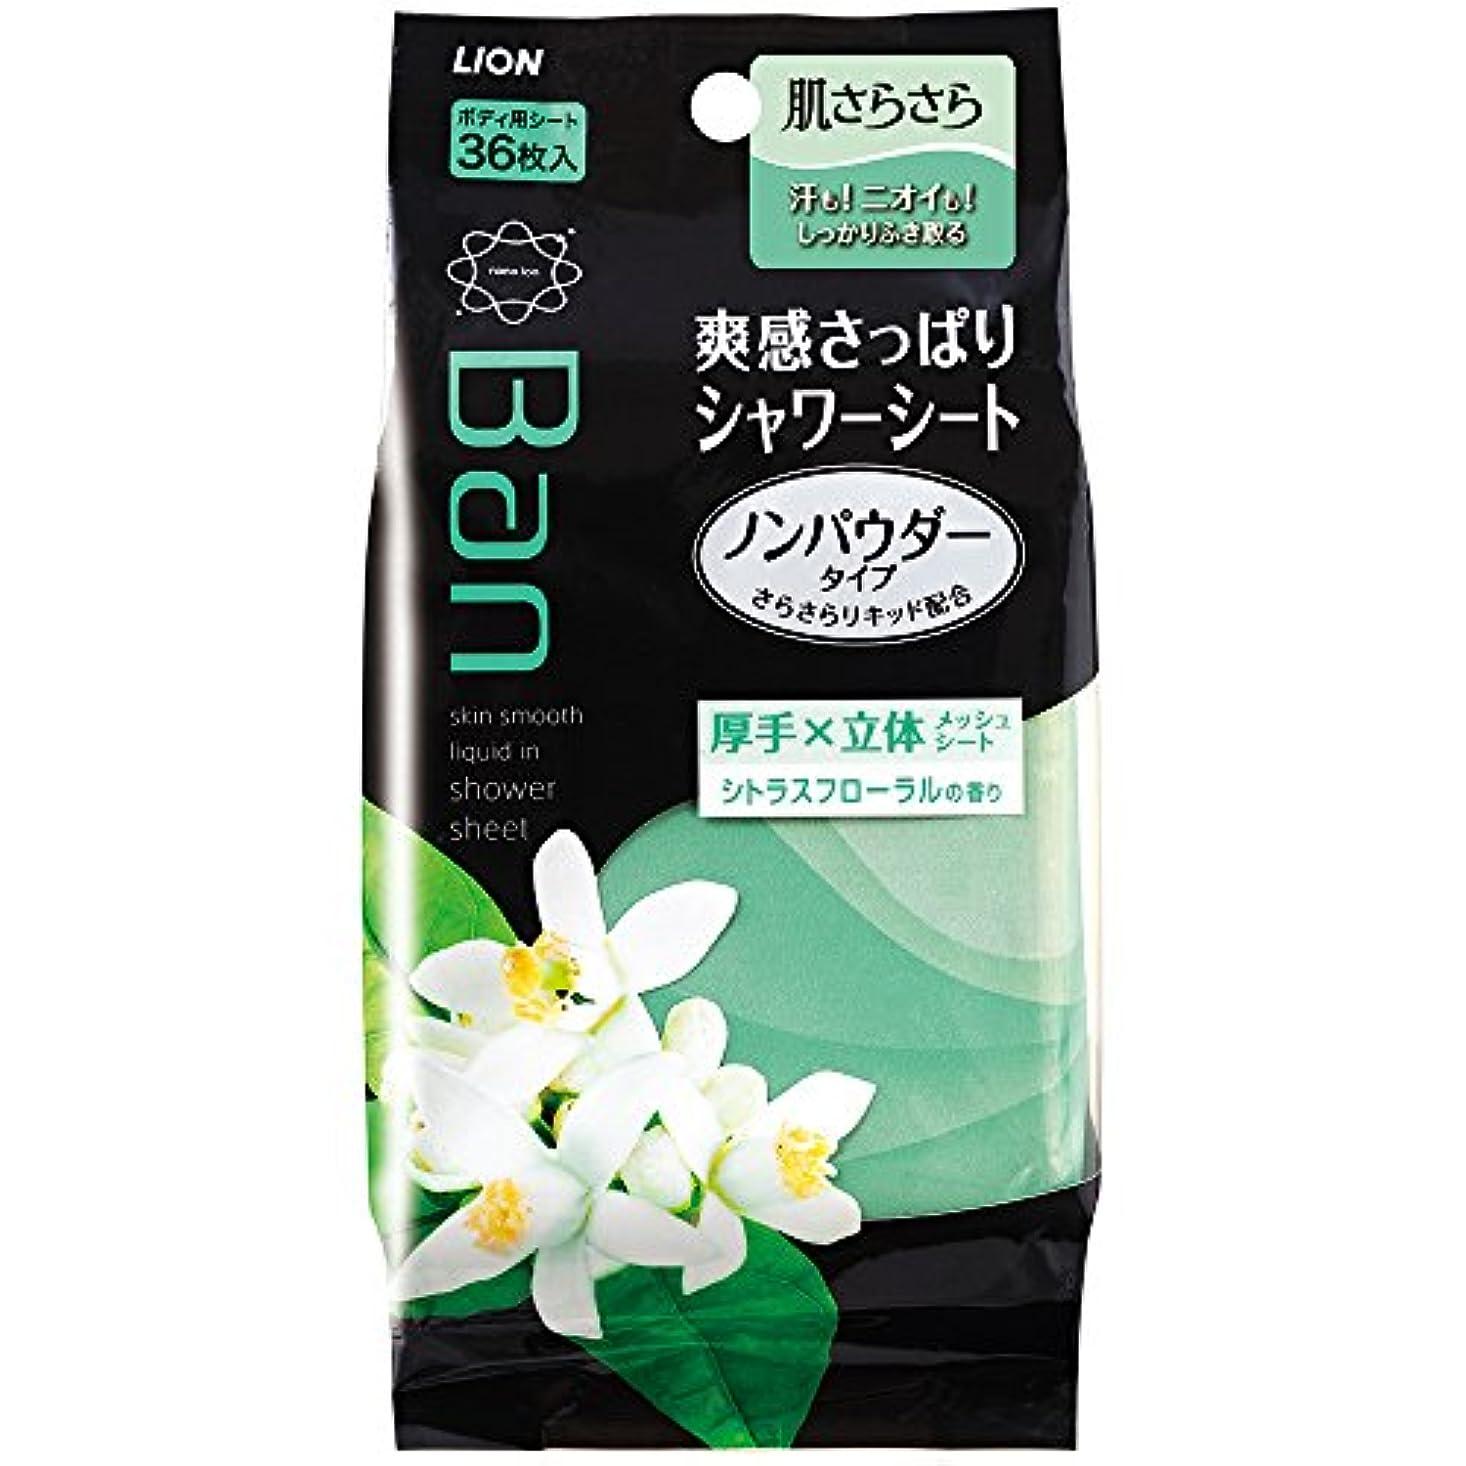 蒸留するバルクデンマークBan(バン) 爽感さっぱりシャワーシート ノンパウダータイプ シトラスフローラルの香り 36枚